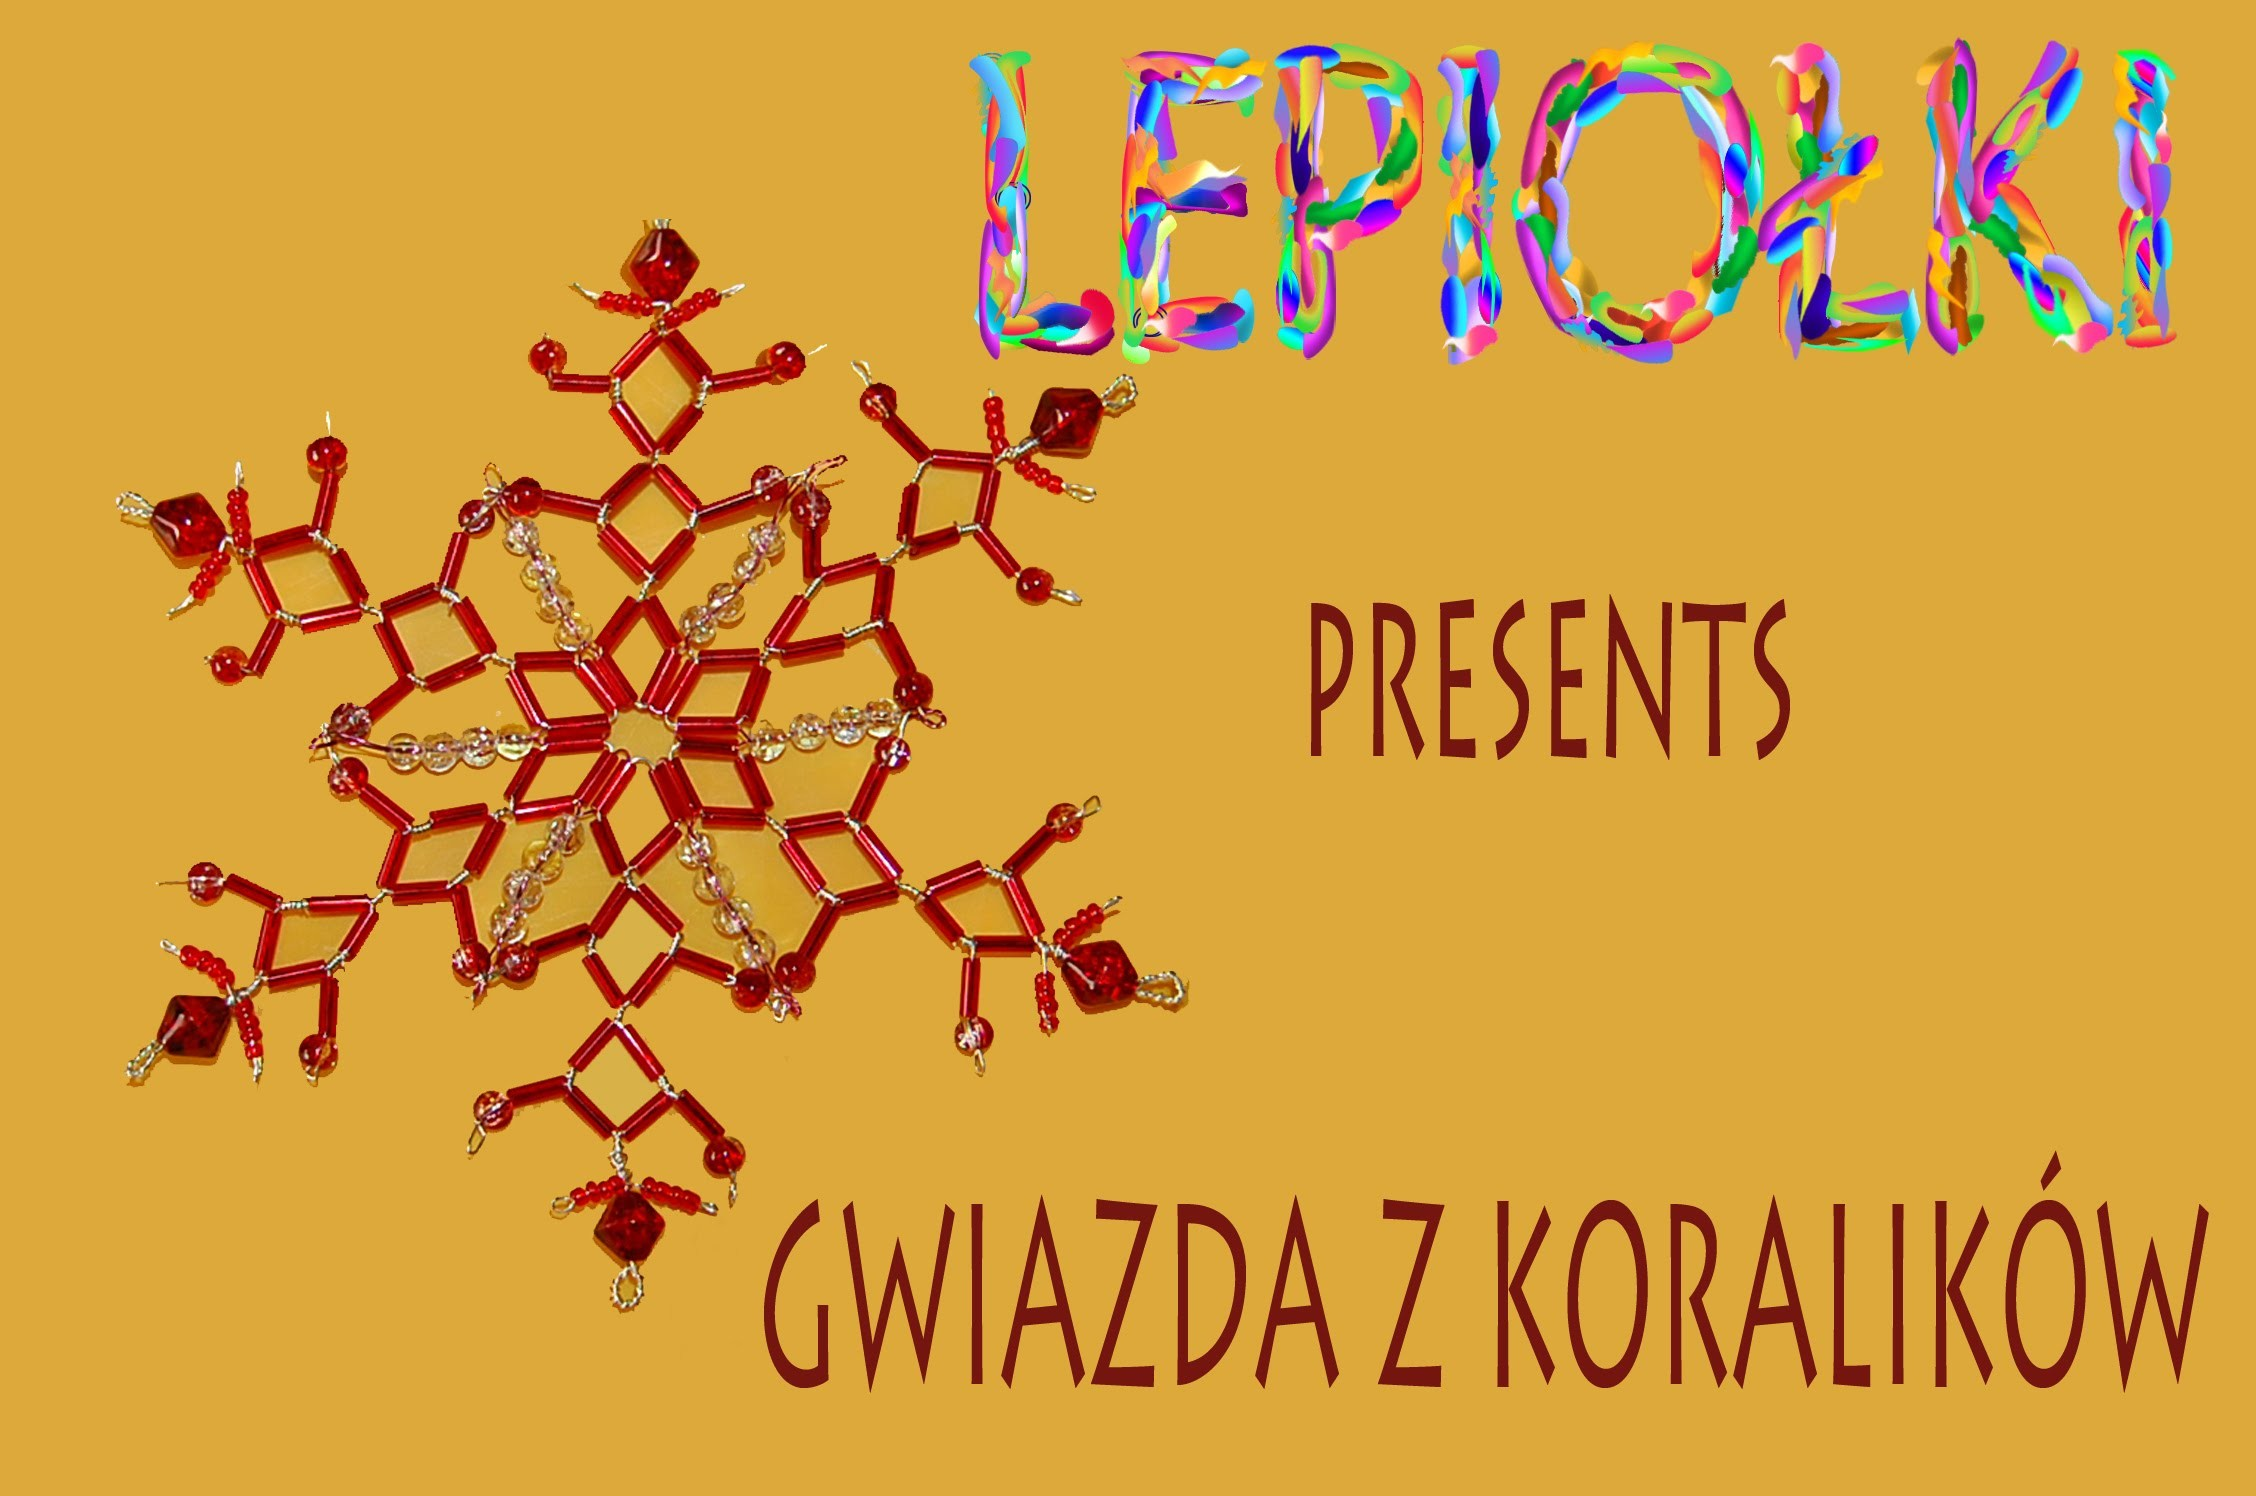 Na święta: Gwiazda z koralików TUTORIAL Star with beads  For Christmas Christmas star, Lepiołki,